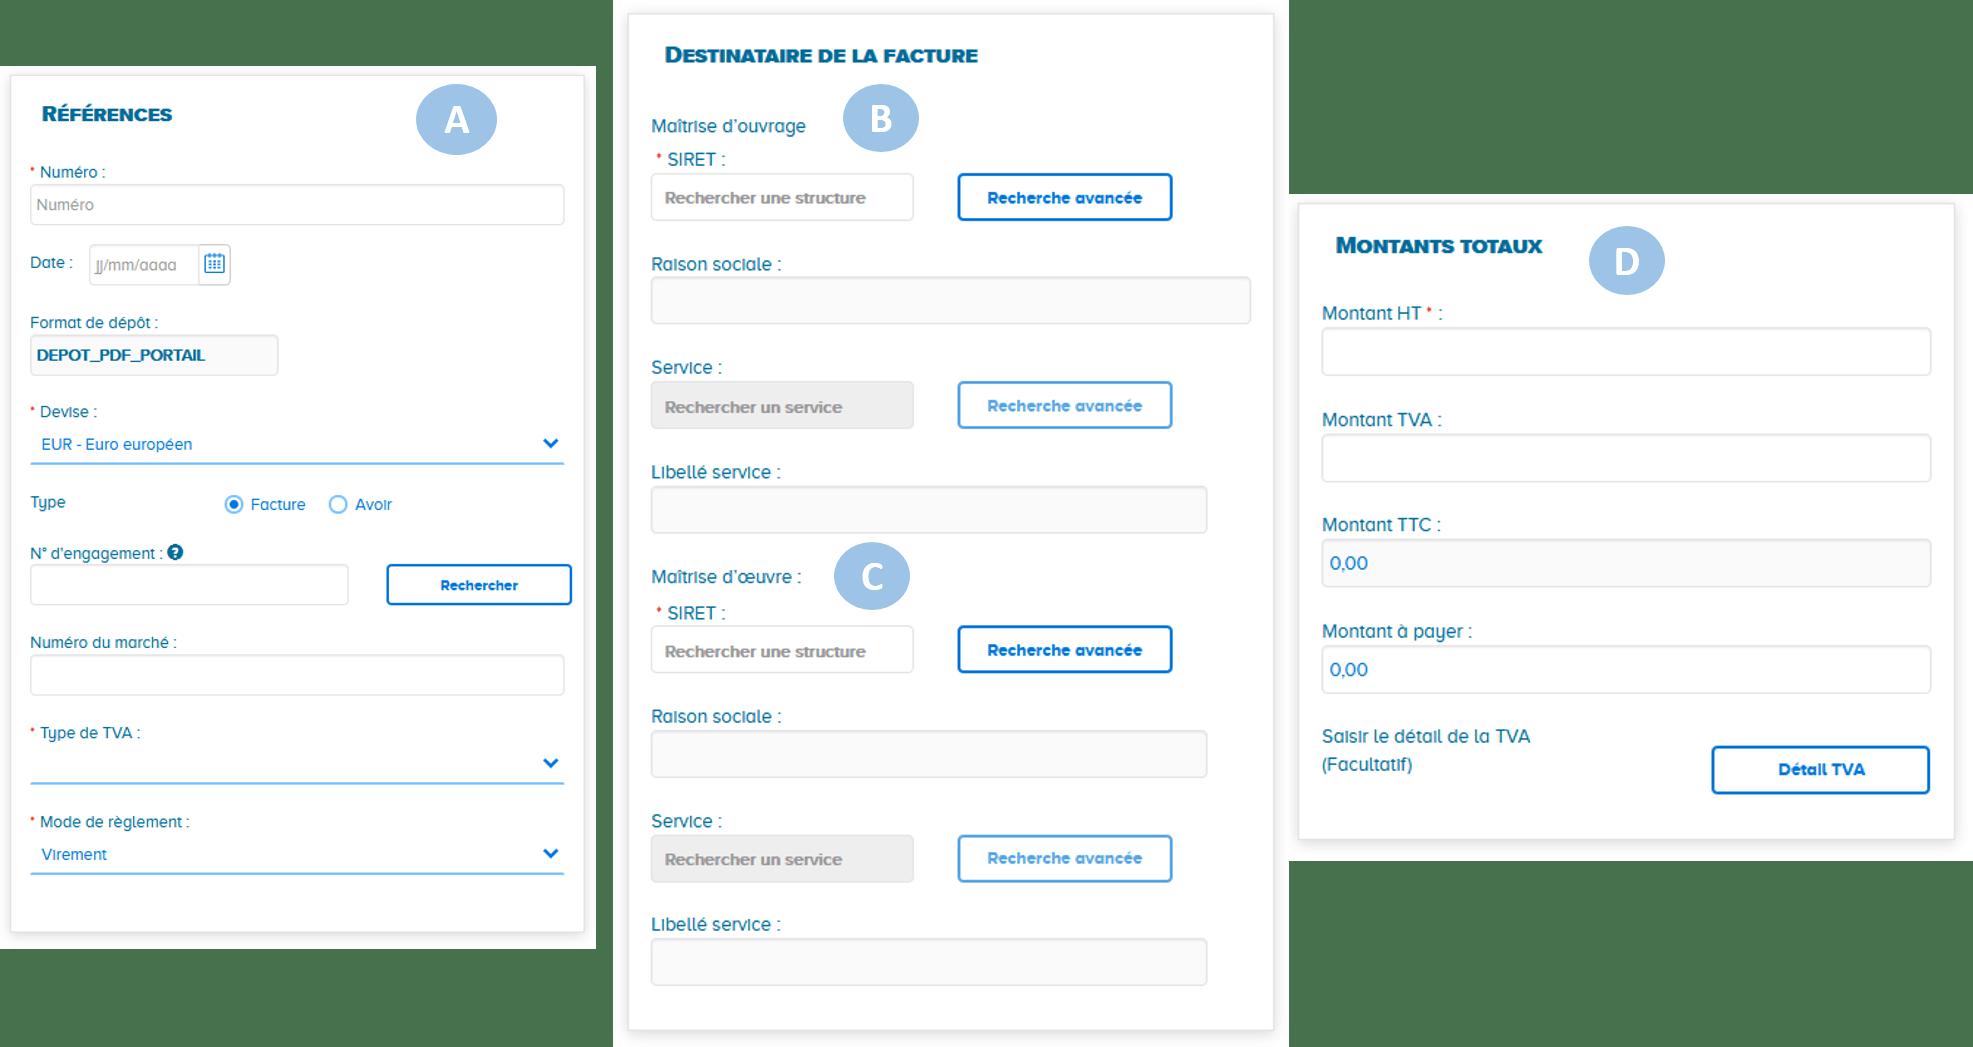 Données obligatoire dépôt factures de travaux